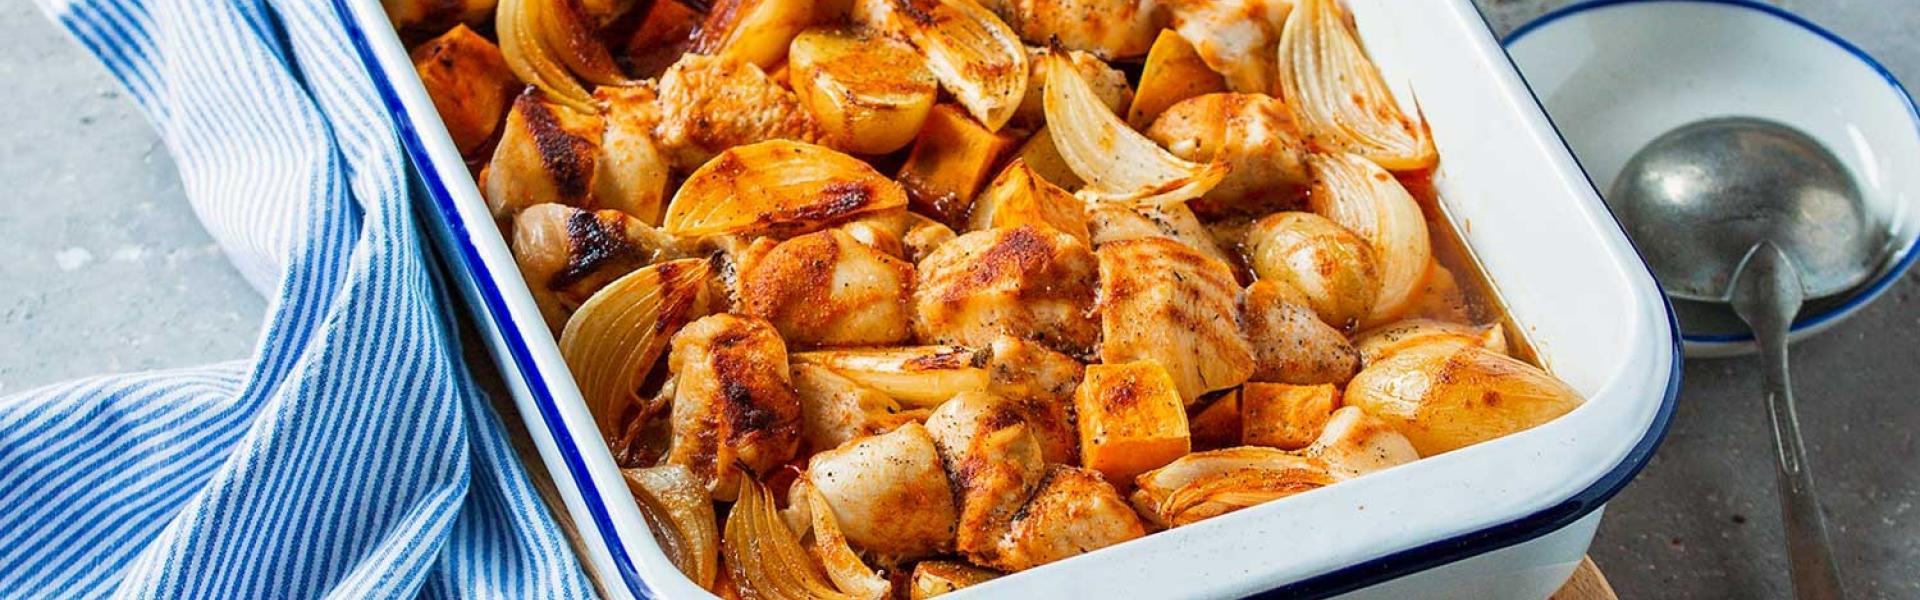 Auflaufform mit Hähnchenbrust und Kartoffeln aus dem Ofen